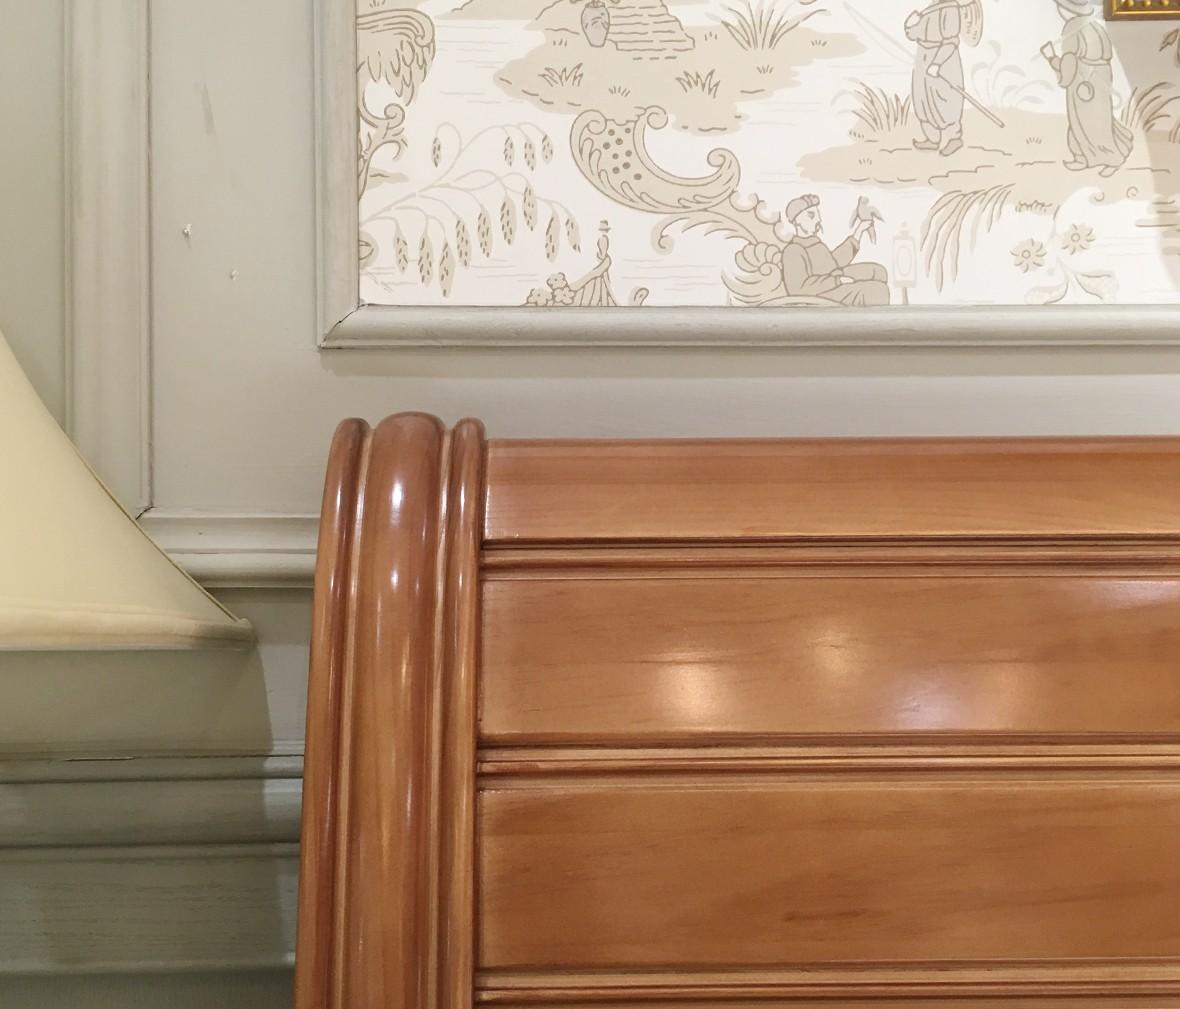 多喜爱 QTA607-135-T-03型号单床 实木材质儿童家具图片、价格、品牌、评测样样齐全!【蓝景商城正品行货,蓝景丽家大钟寺家居广场提货,北京地区配送,领券更优惠,线上线下同品同价,立即购买享受更多优惠哦!】